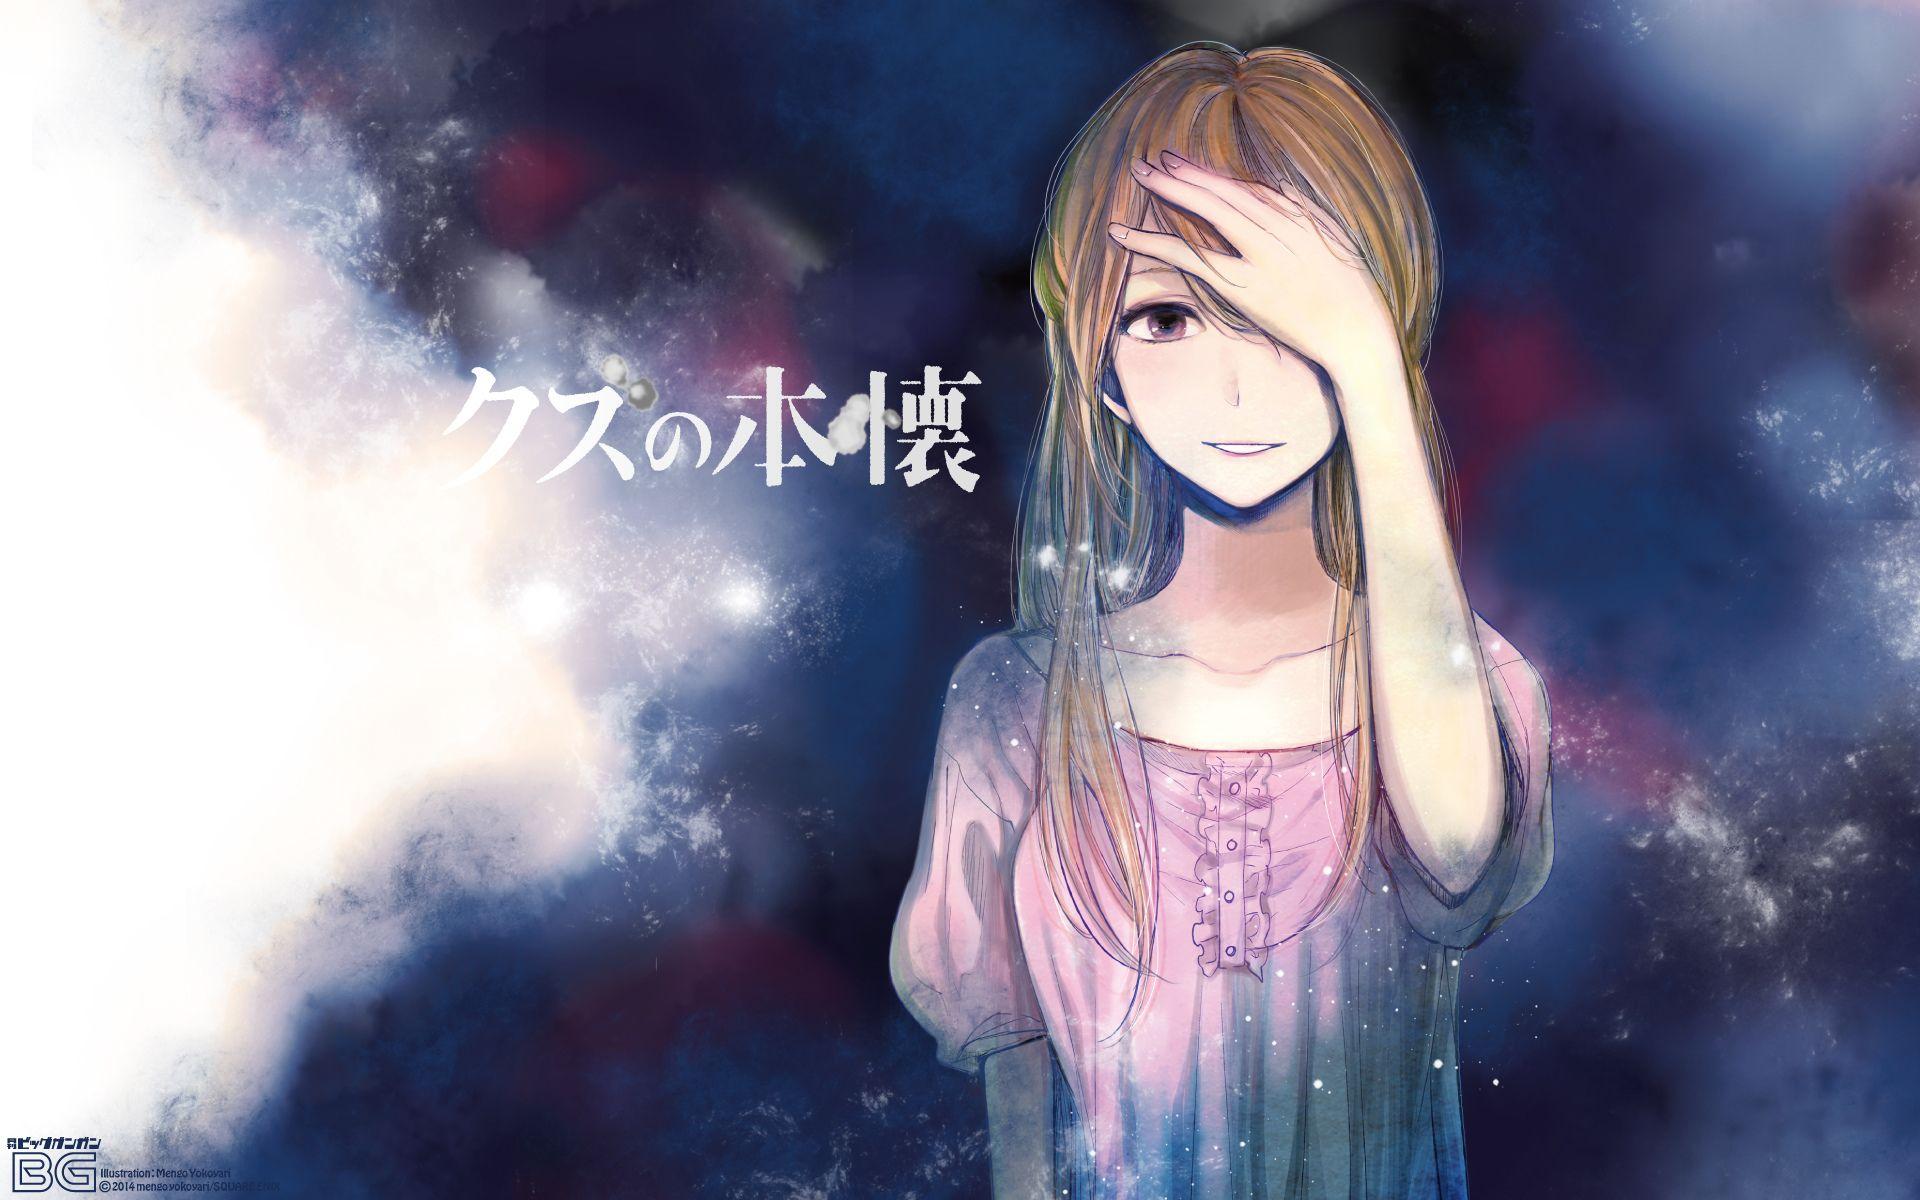 Anime Kuzu No Honkai Hanabi Yasuraoka Bakgrund イラスト, 漫画